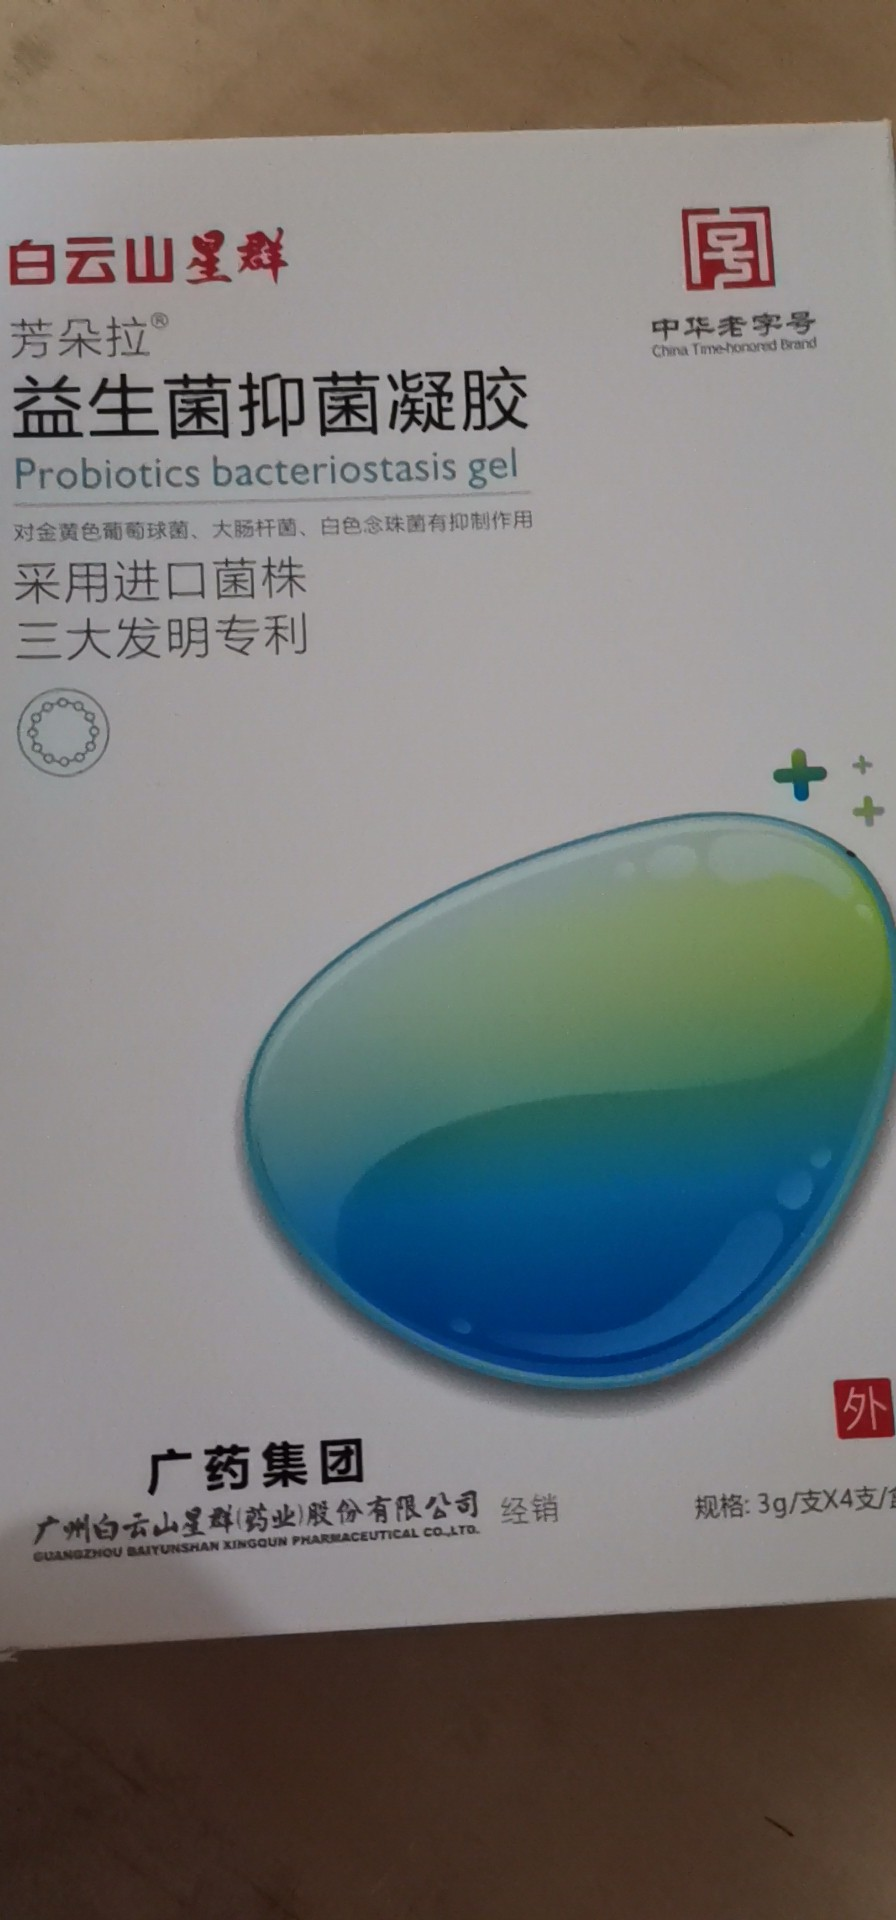 阴道杆菌—清洁度三可以要芳朵拉益生菌抑菌凝胶